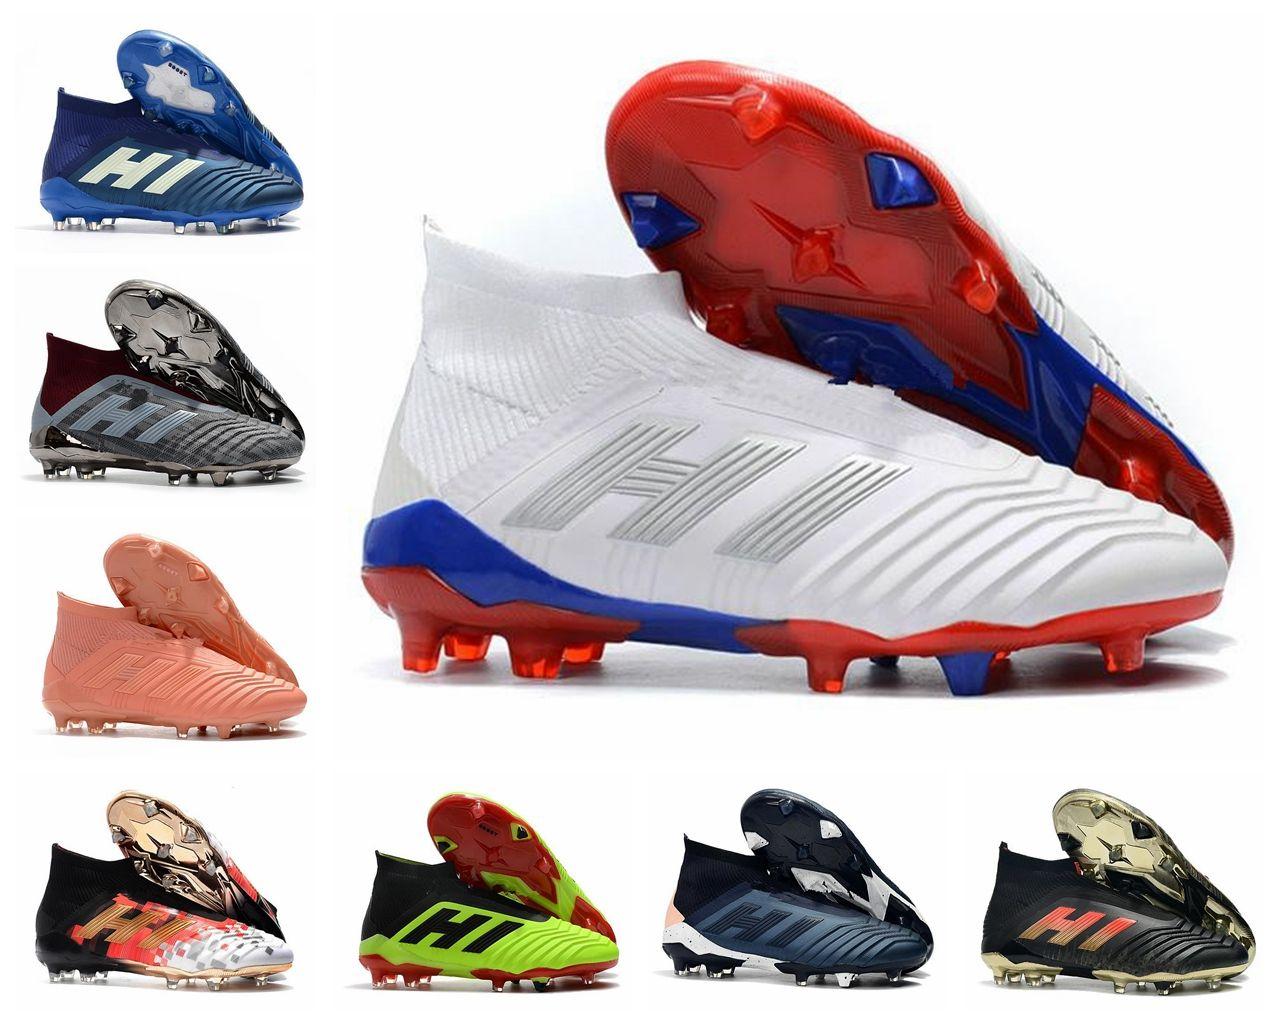 Großhandel ADIDAS Predator 18+ Predator 18.1 FG PP Paul Pogba Fußball 18 + X Stollen Slip On Fußballschuhe Herren High Top Fußballschuhe Günstig Von